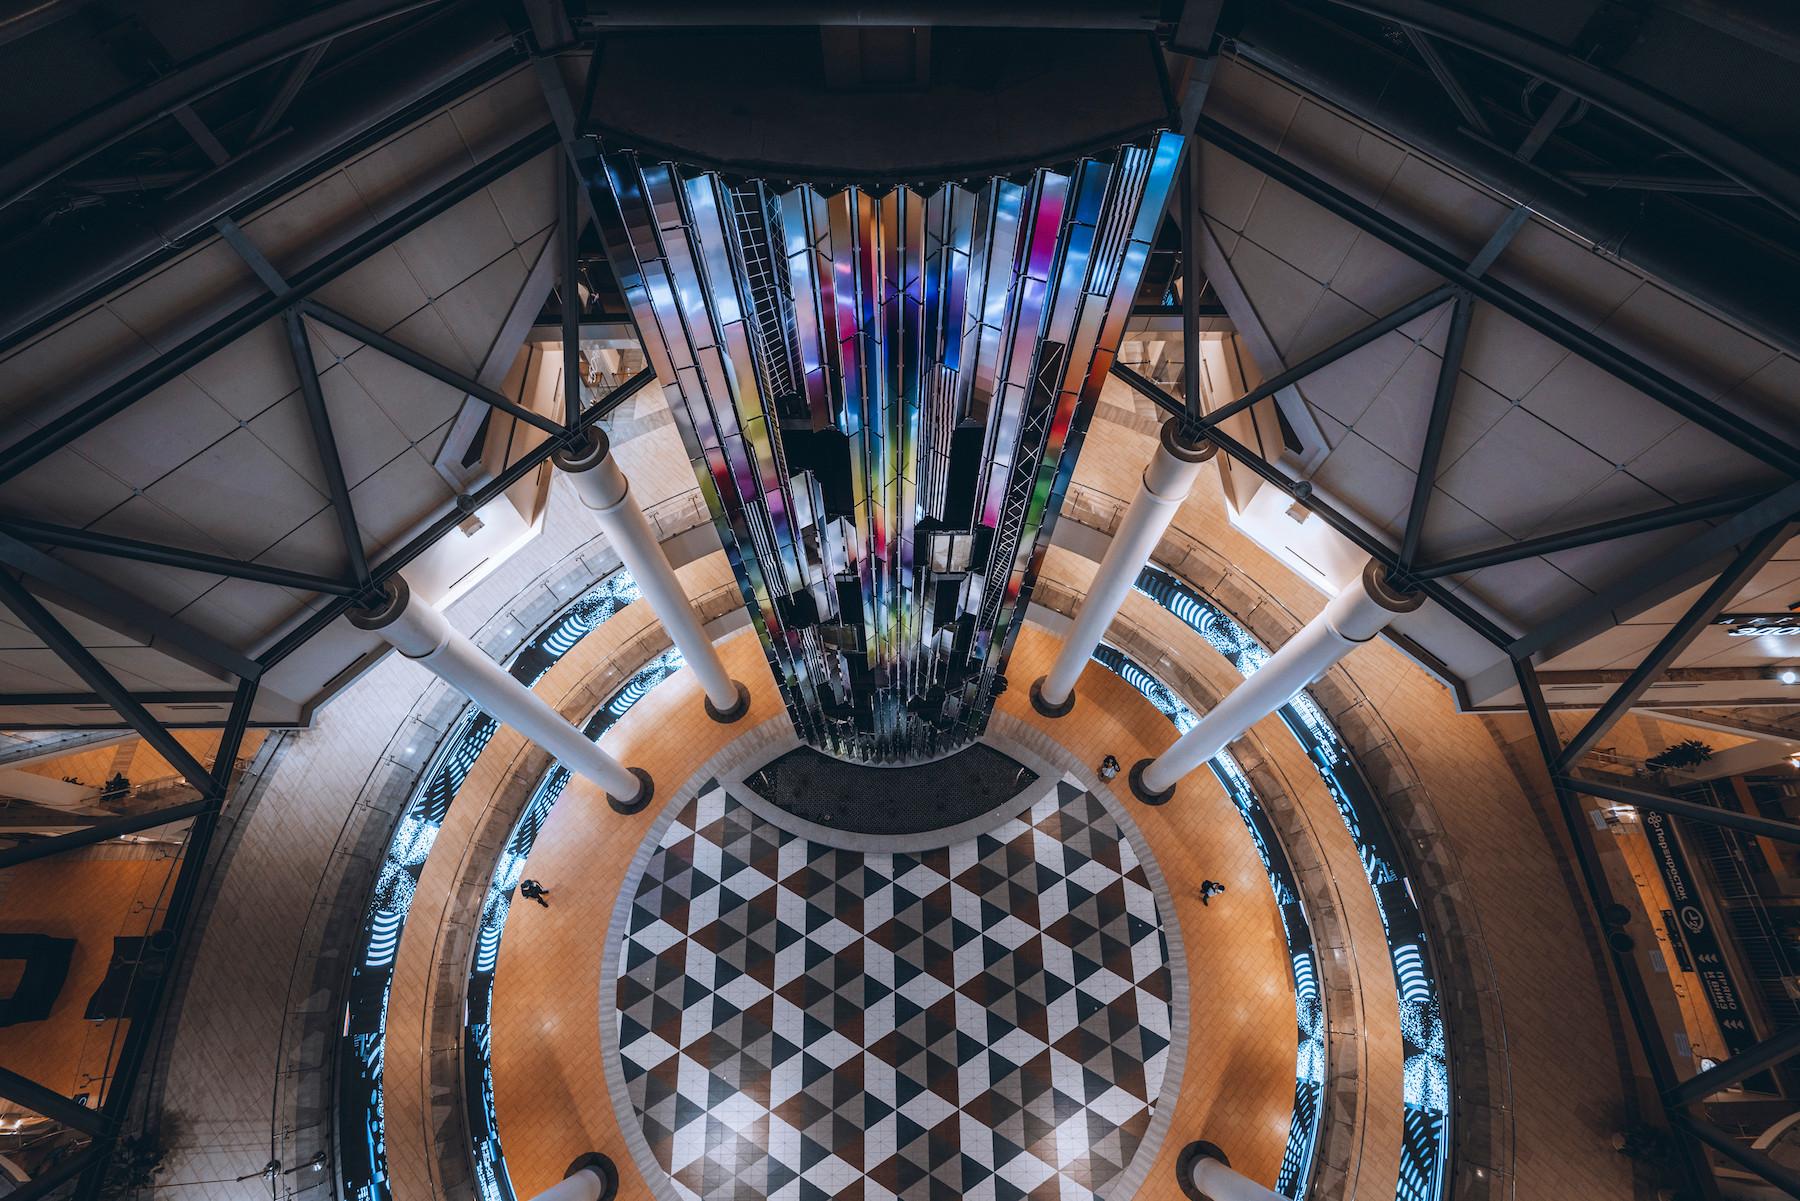 DATAFALL la cascata di acciaio colorato di Felipe Pantone a Mosca | Collater.al